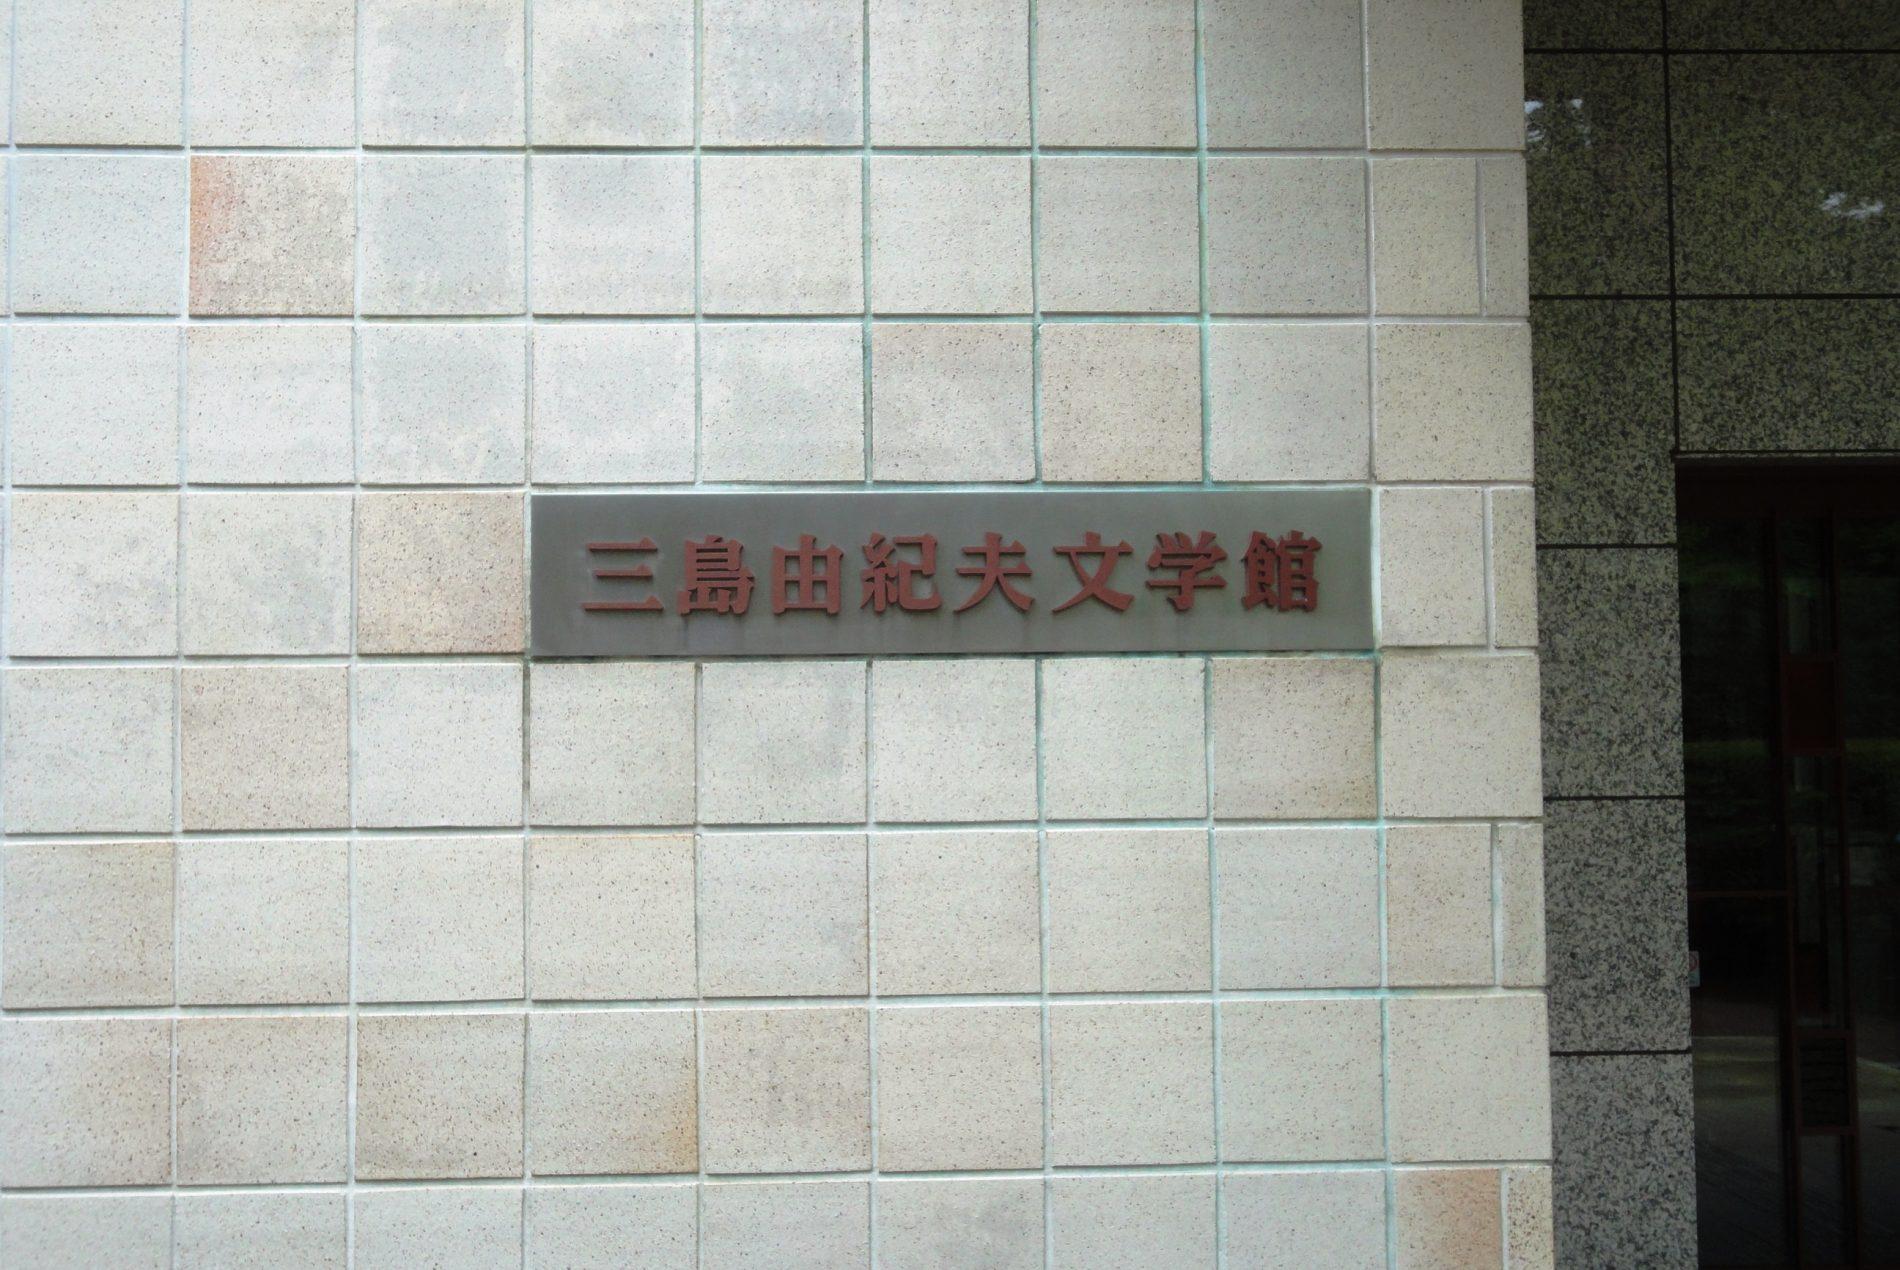 1999三島由紀夫記念館_外断熱レンガ積み